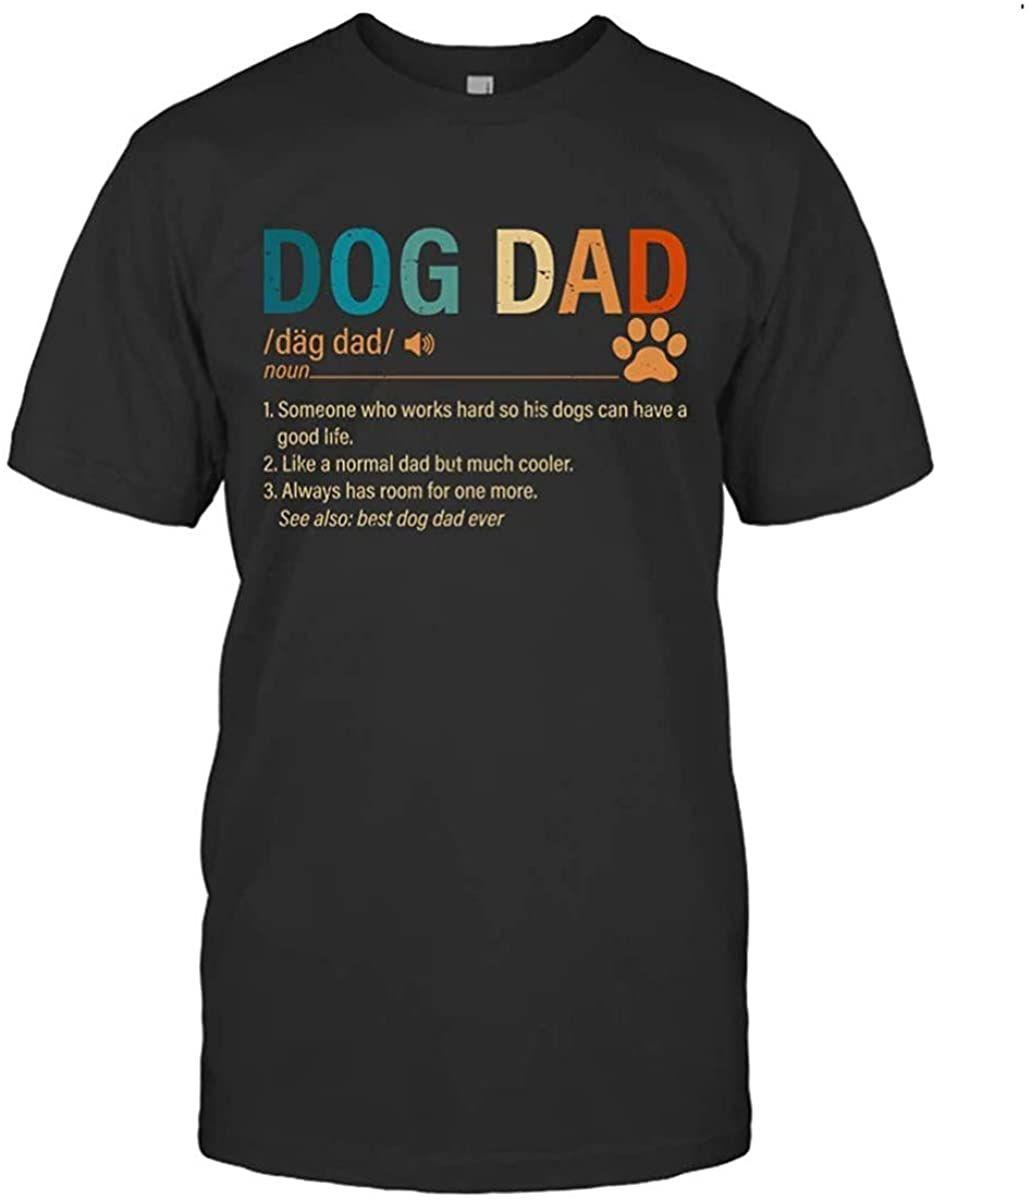 O pai do cão da novidade do lifewheel alguém que trabalha duro para que seus cães possam ter uma boa idéia da camisa da vida impresso letras memorial camiseta